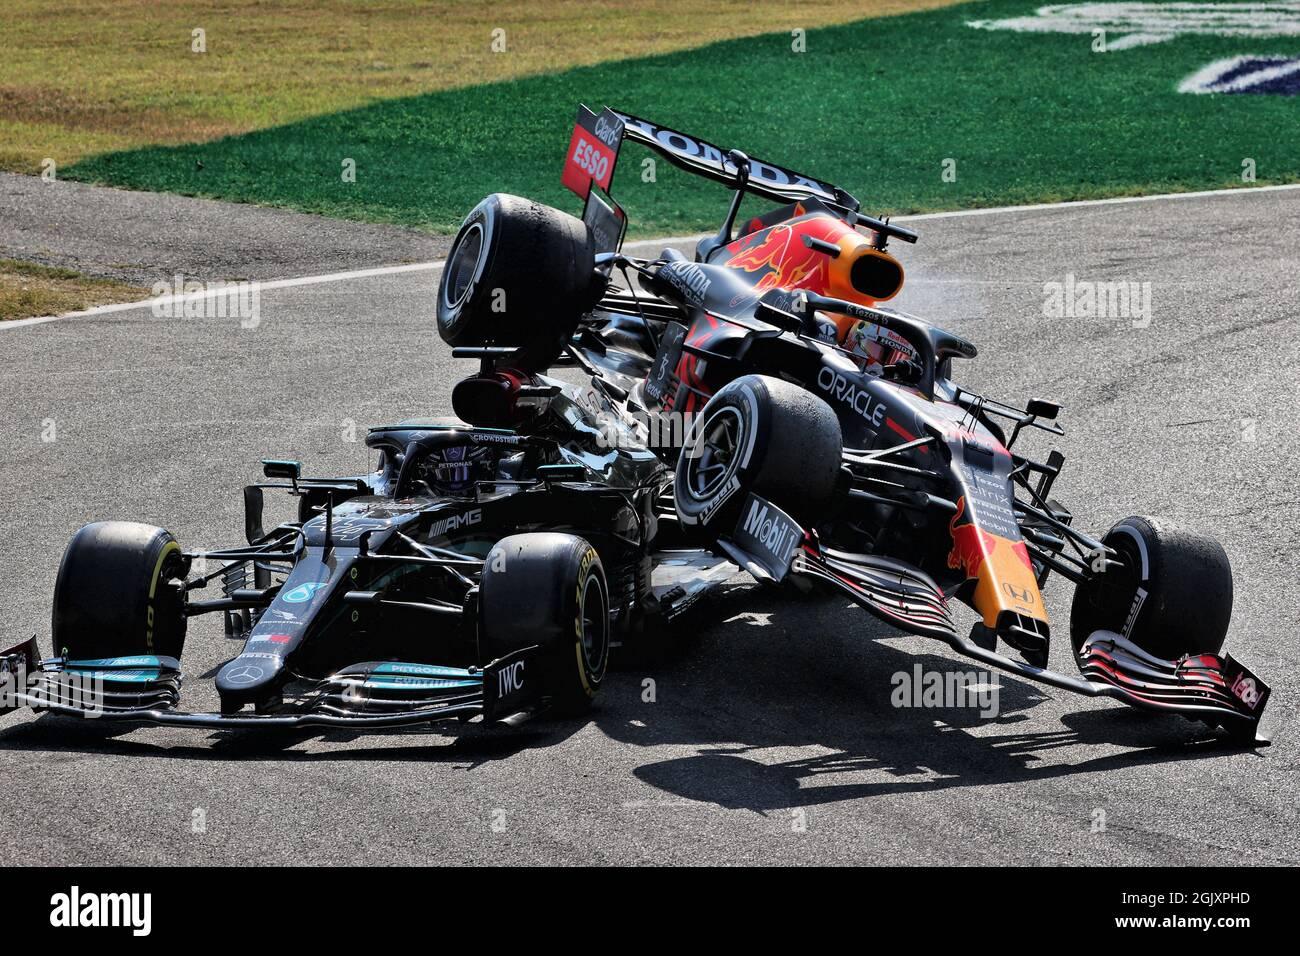 Monza, Italie. 12 septembre 2021. Max Verstappen (NLD) Red Bull Racing RB16B et Lewis Hamilton (GBR) Mercedes AMG F1 W12 crash au premier chicane. 12.09.2021. Championnat du monde de Formule 1, Rd 14, Grand Prix d'Italie, Monza, Italie, Jour de la course. Le crédit photo doit être lu : images XPB/Press Association. Crédit : XPB Images Ltd/Alamy Live News Banque D'Images